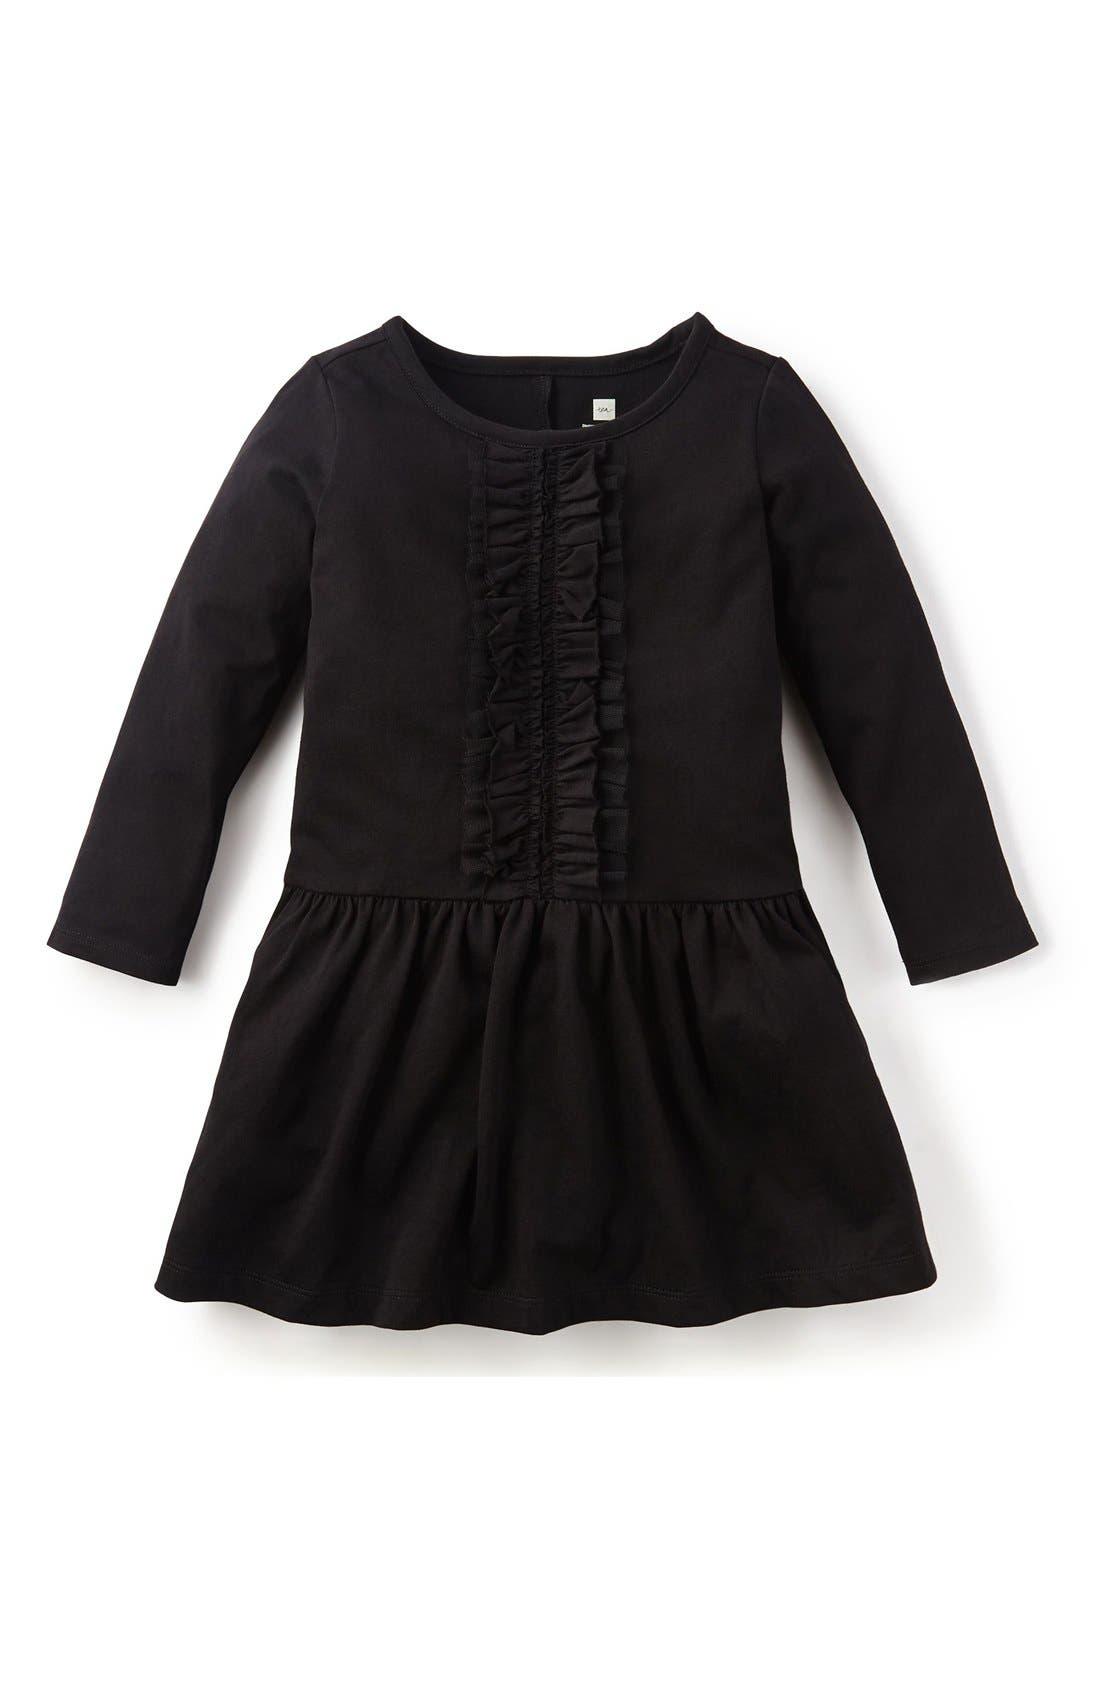 Alternate Image 1 Selected - Tea Collection Ruffle Drop Waist Dress (Toddler Girls, Little Girls & Big Girls)